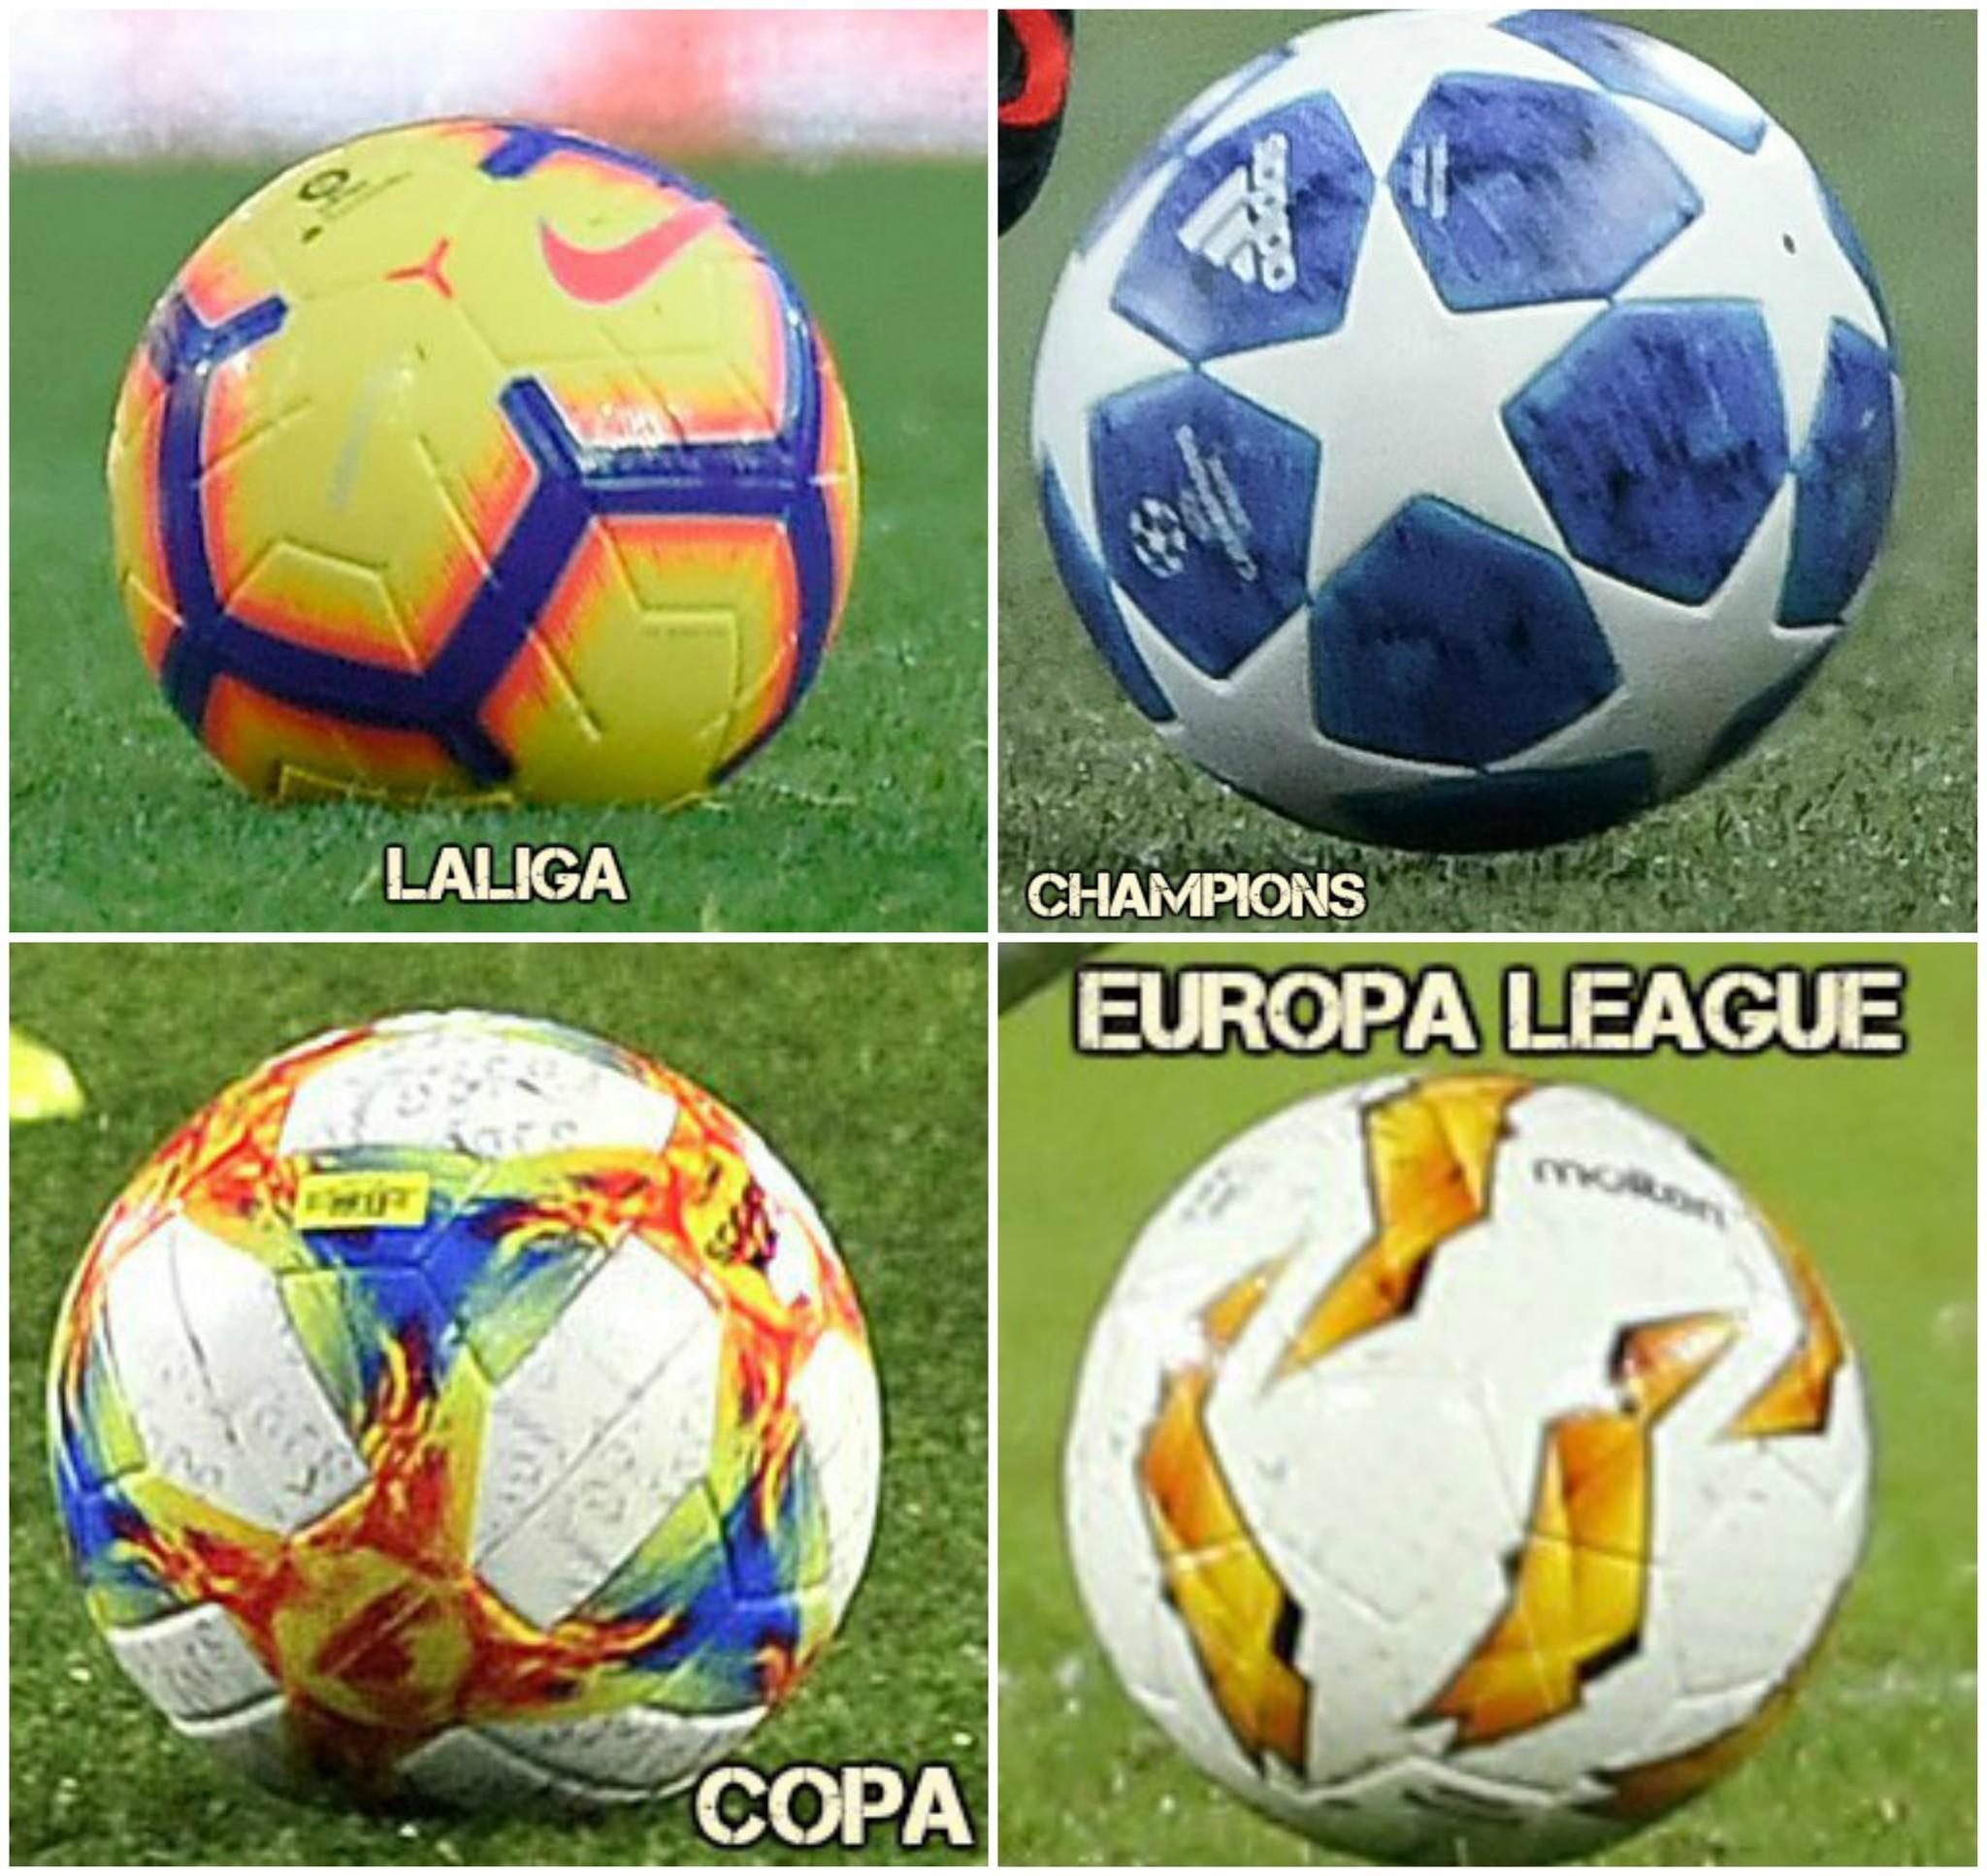 """El Valencia descubre los balones de la Europa League: """"¡Hay que clasificarse para la Champions!"""""""